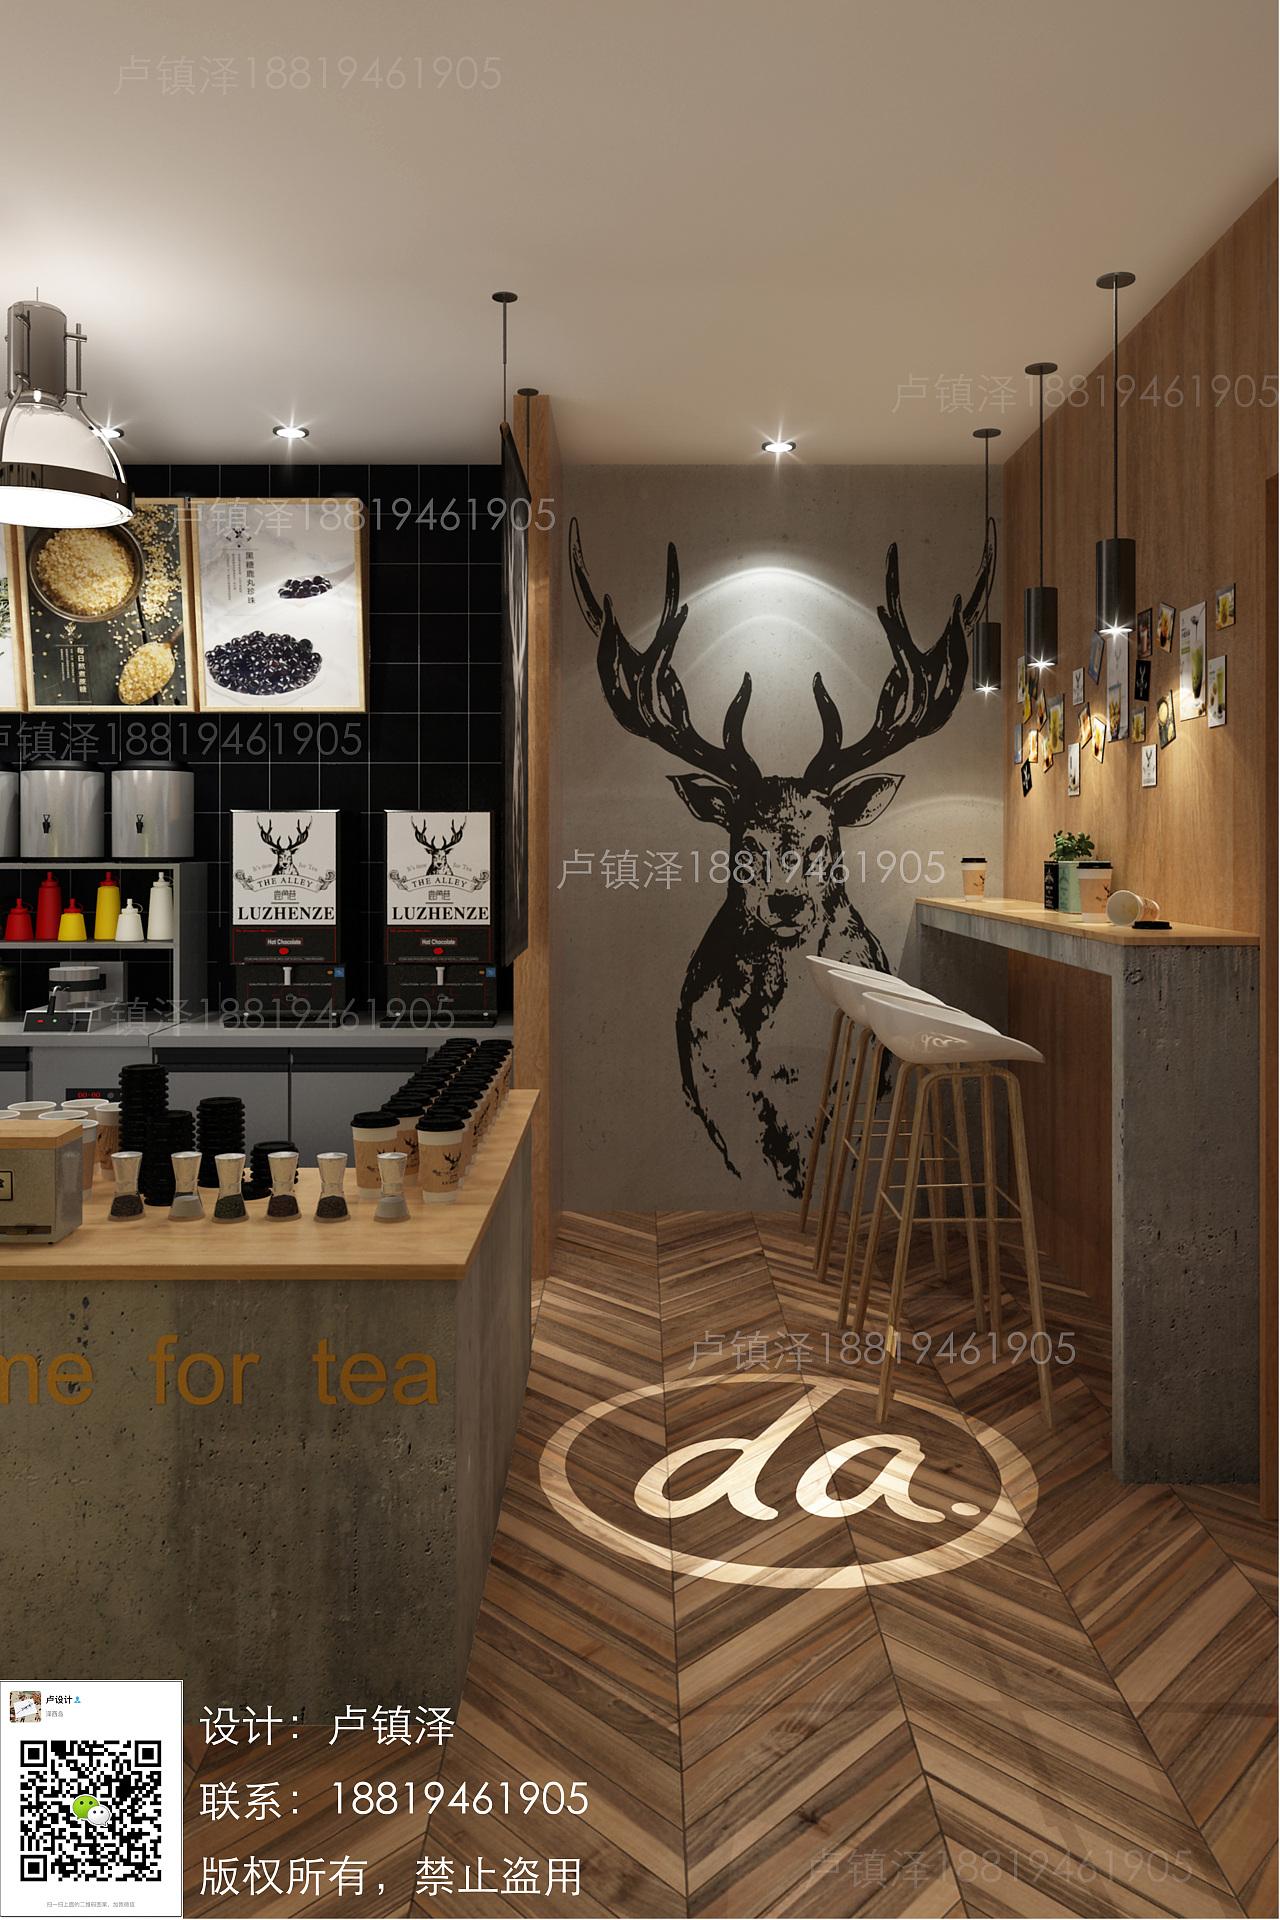 艺logo_鹿角巷设计项目 空间 展示设计  一枚怀艺的卤蛋 - 原创作品 - 站 ...